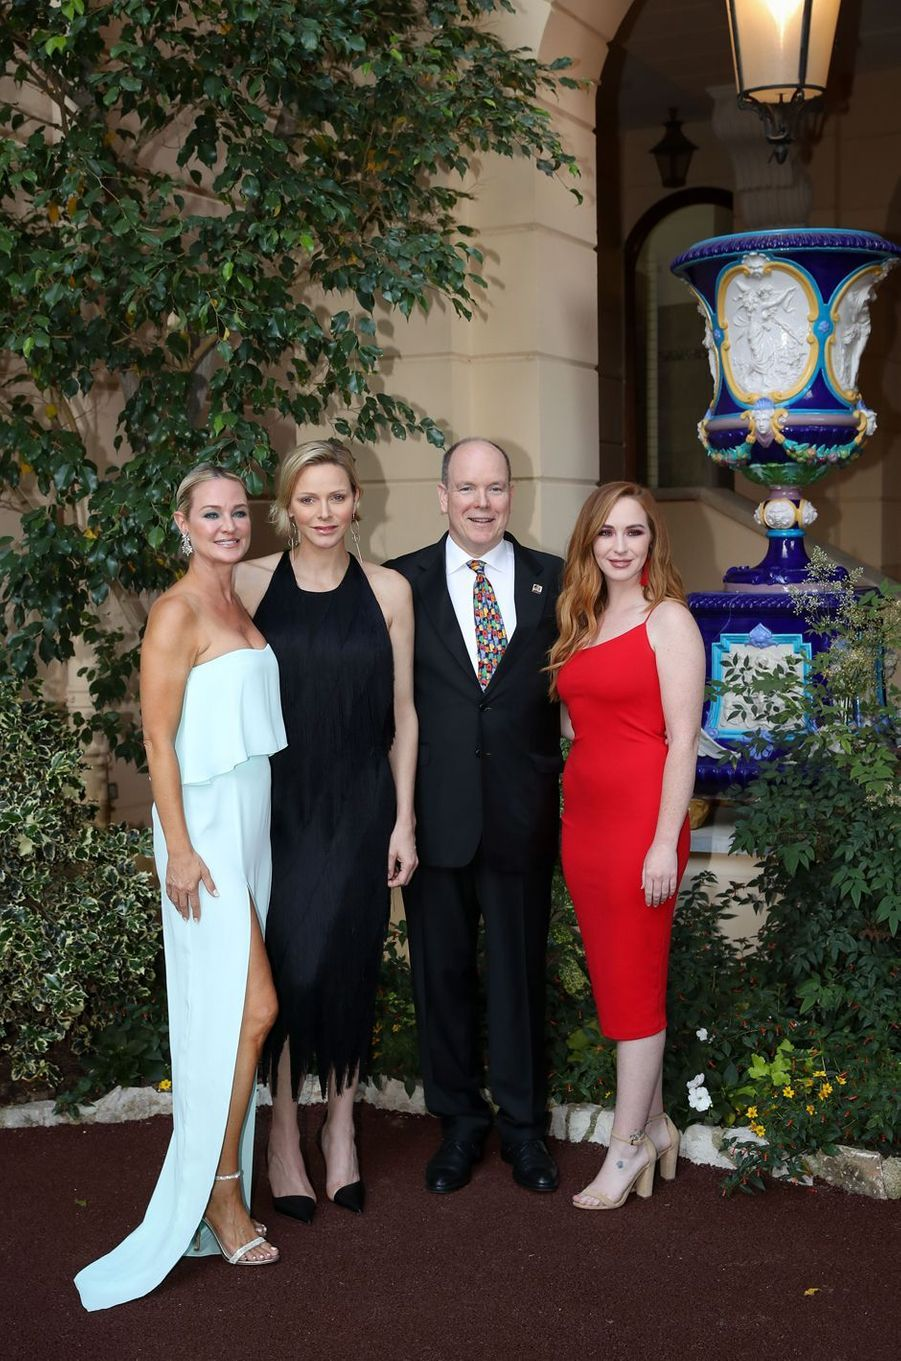 La princesse Charlène et le prince Albert II de Monaco avec Sharon Case et Camryn Grimes, à Monaco le 16 juin 2019